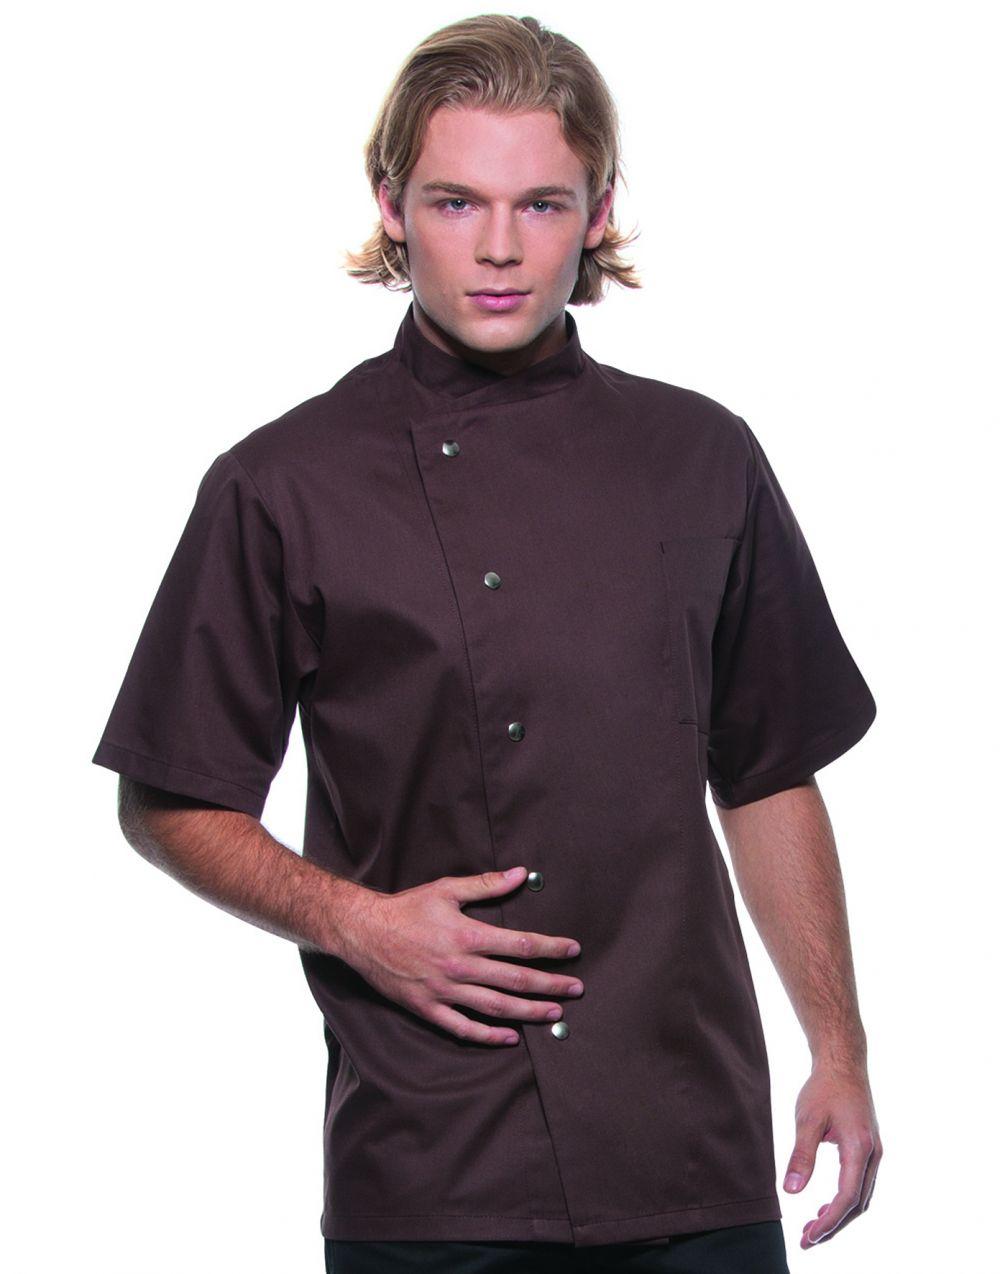 Chaquetillas de cocina karlowsky chef gustav manga corta para personalizar vista 1